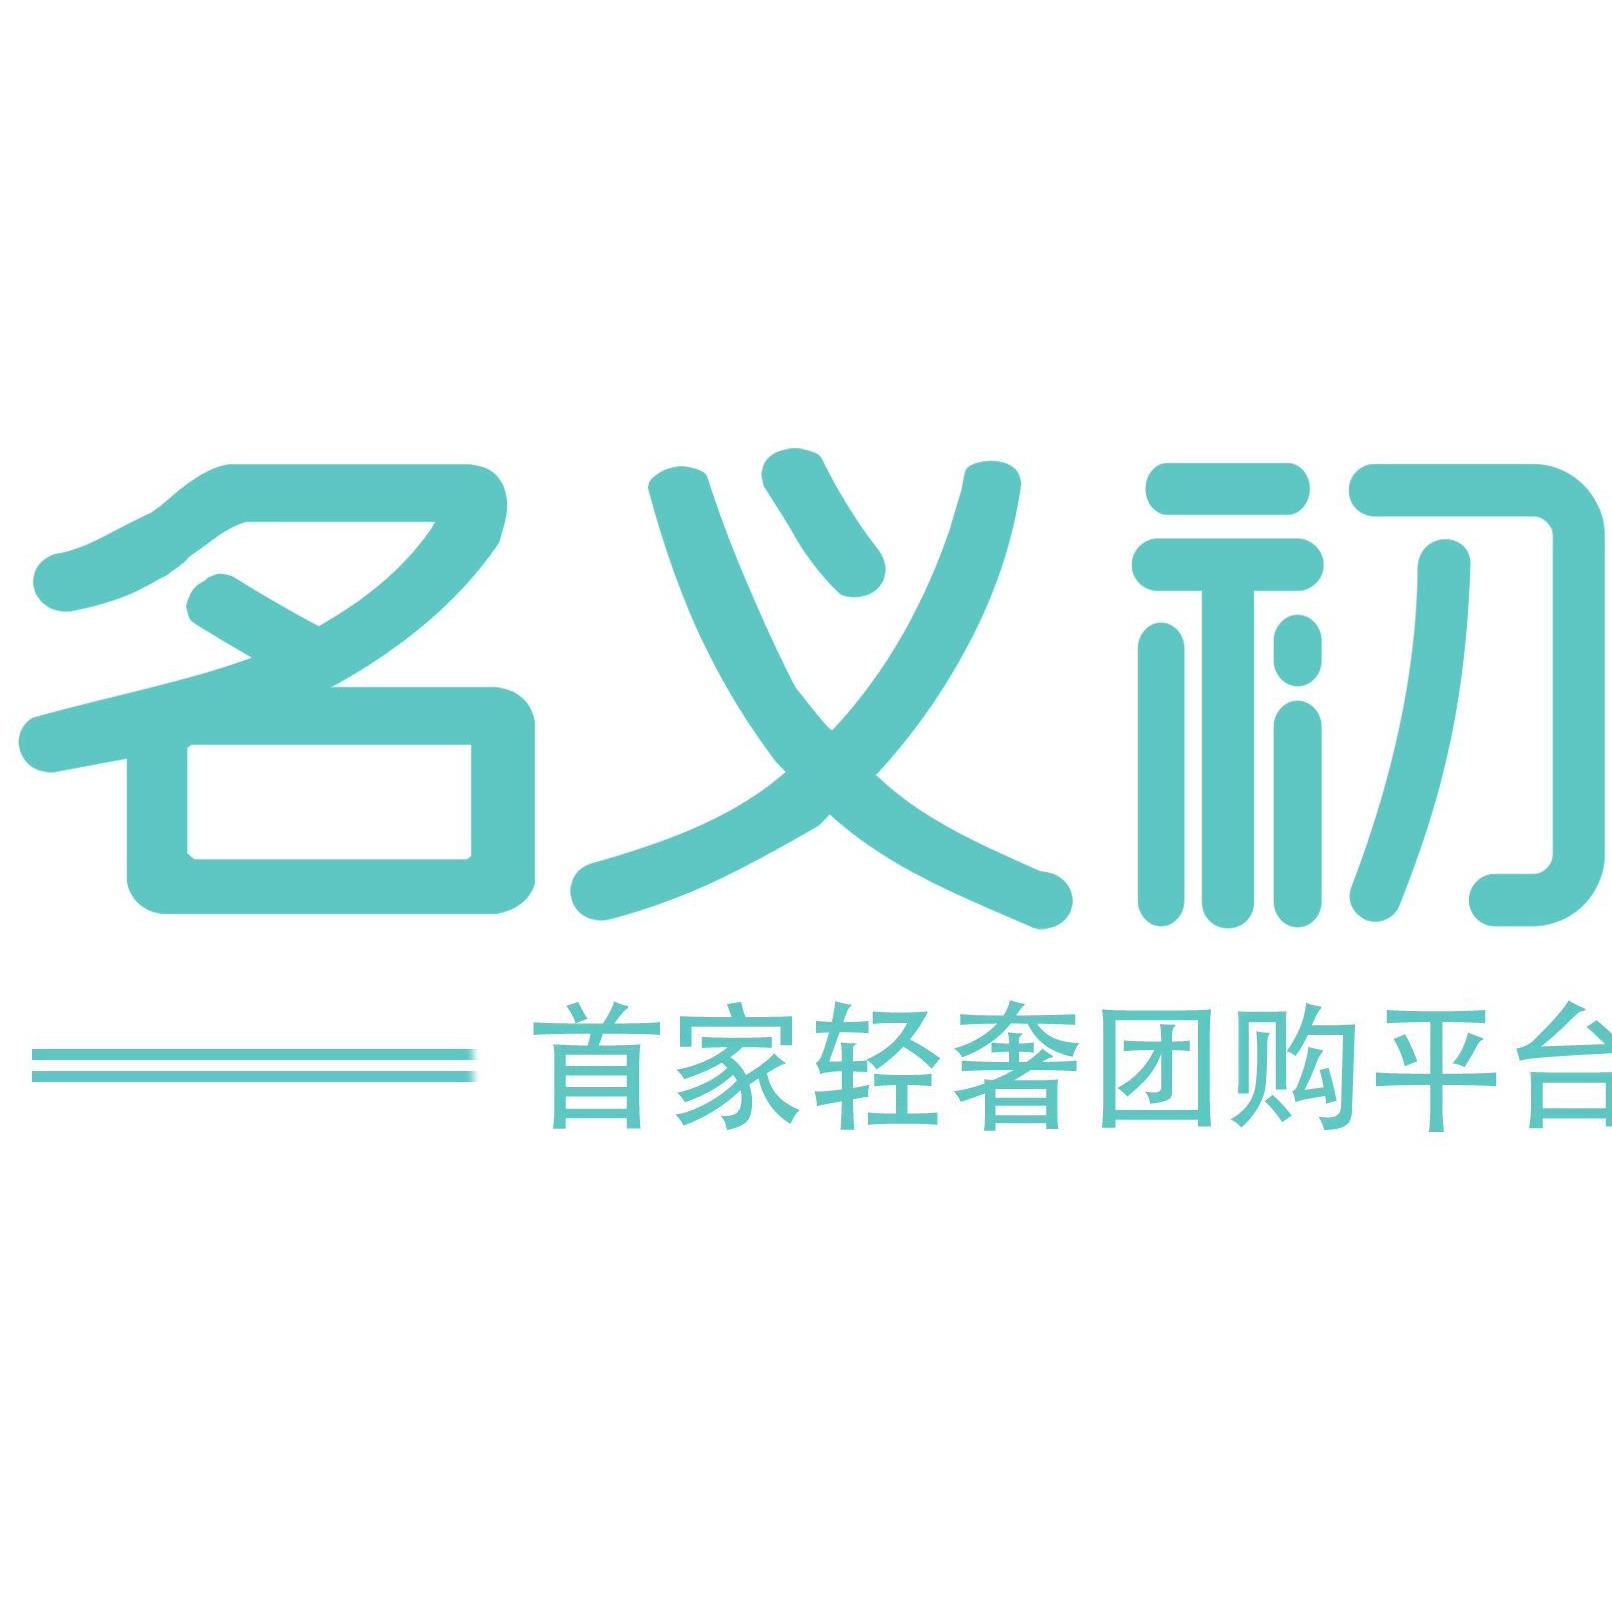 名义初品社交电商平台入驻